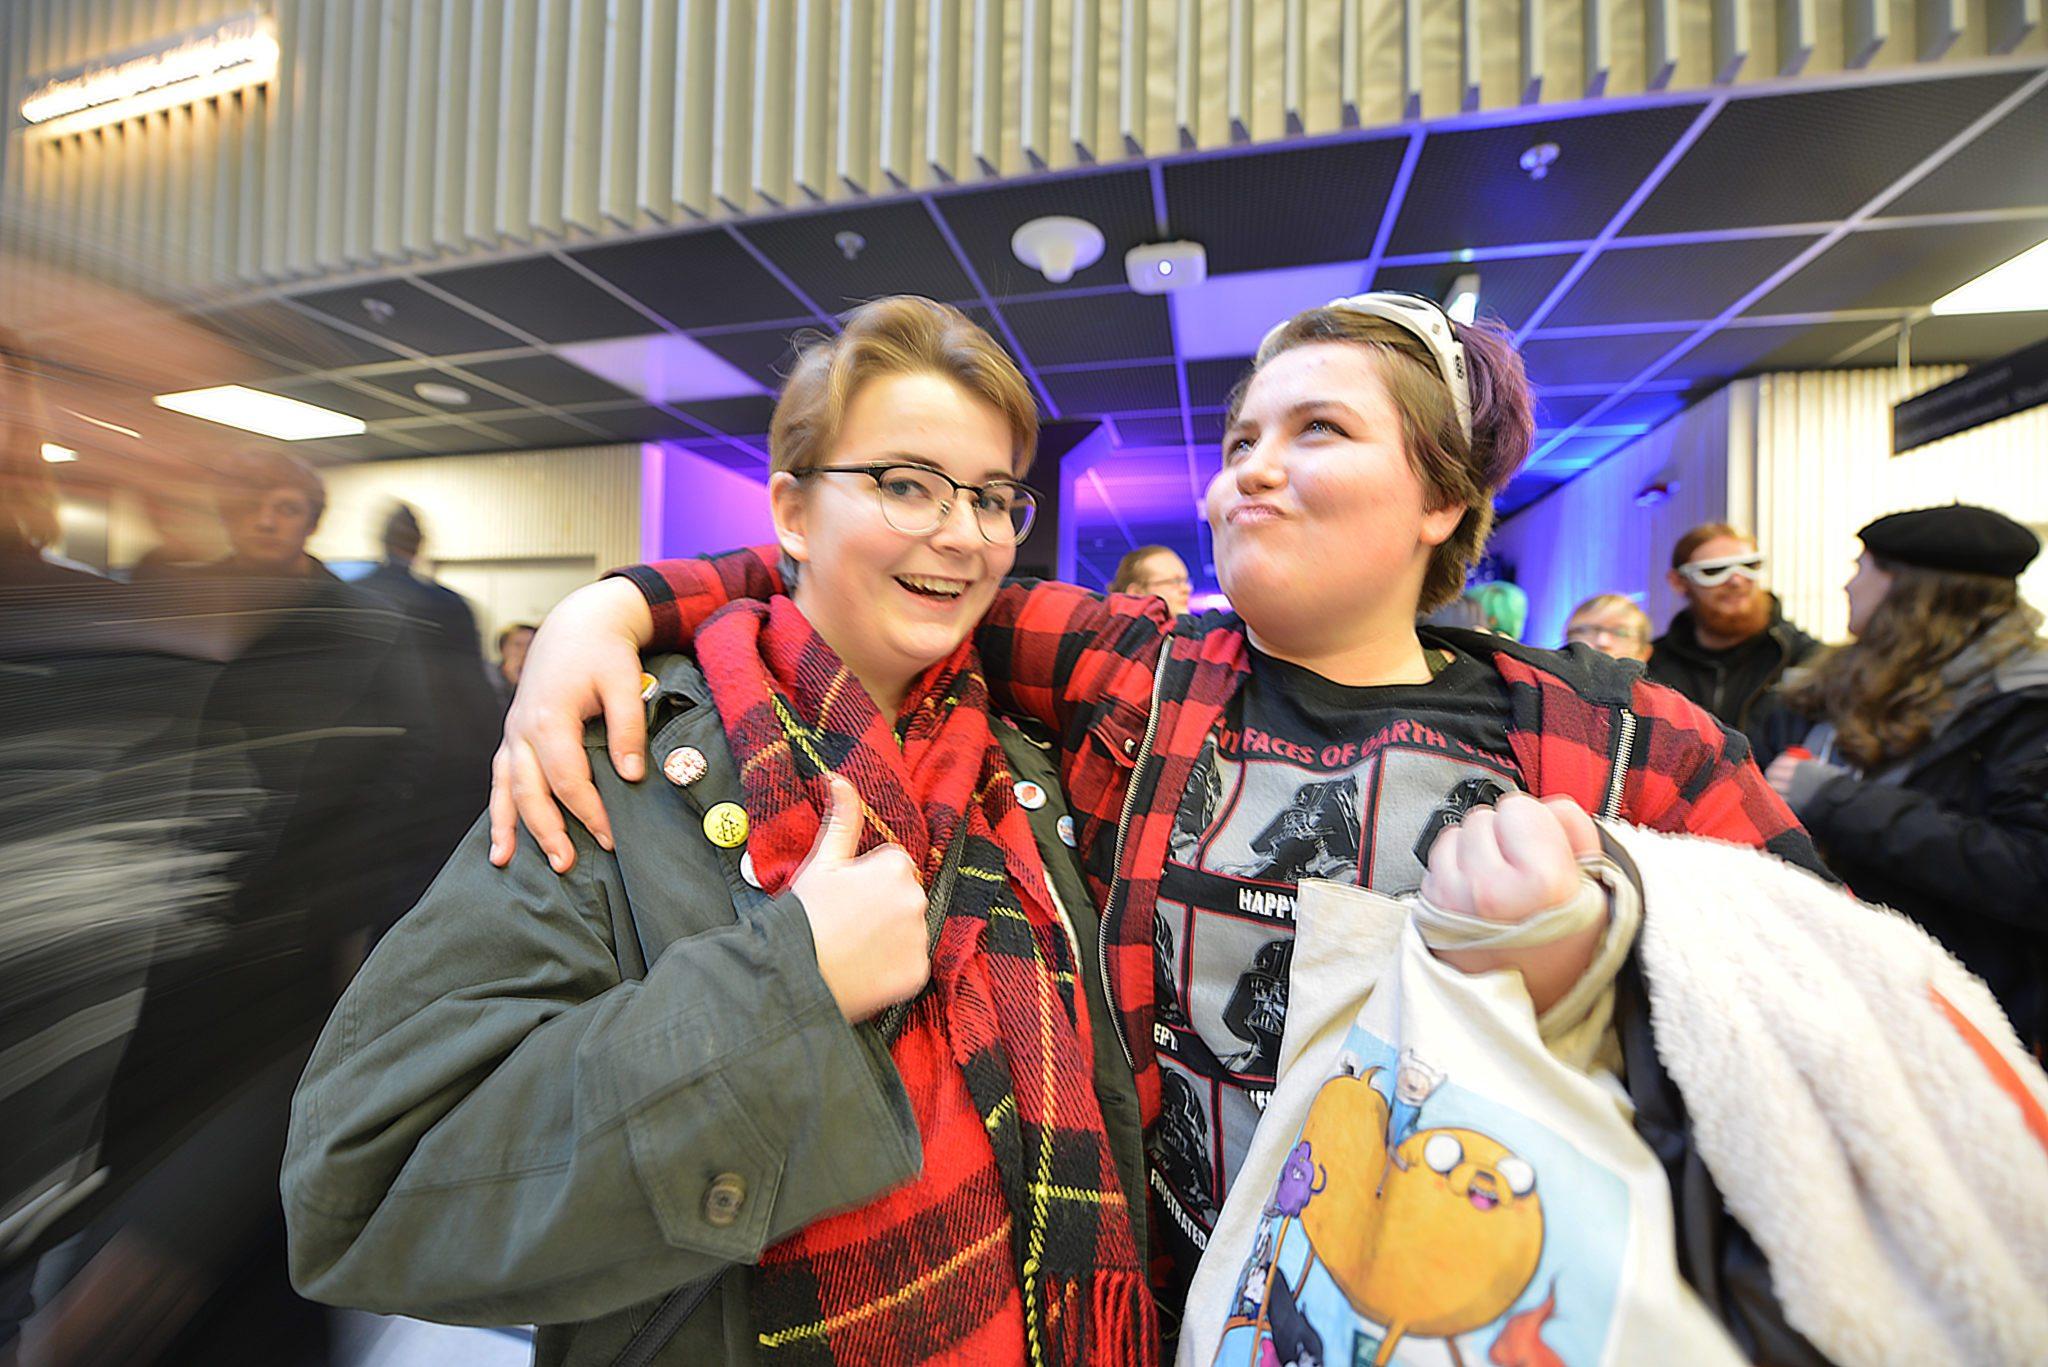 Annie og Agnes var ikke i tvil om hva de syntes om den nye Star Wars-filmen. Foto: Anniken Tangerud, 3600.no